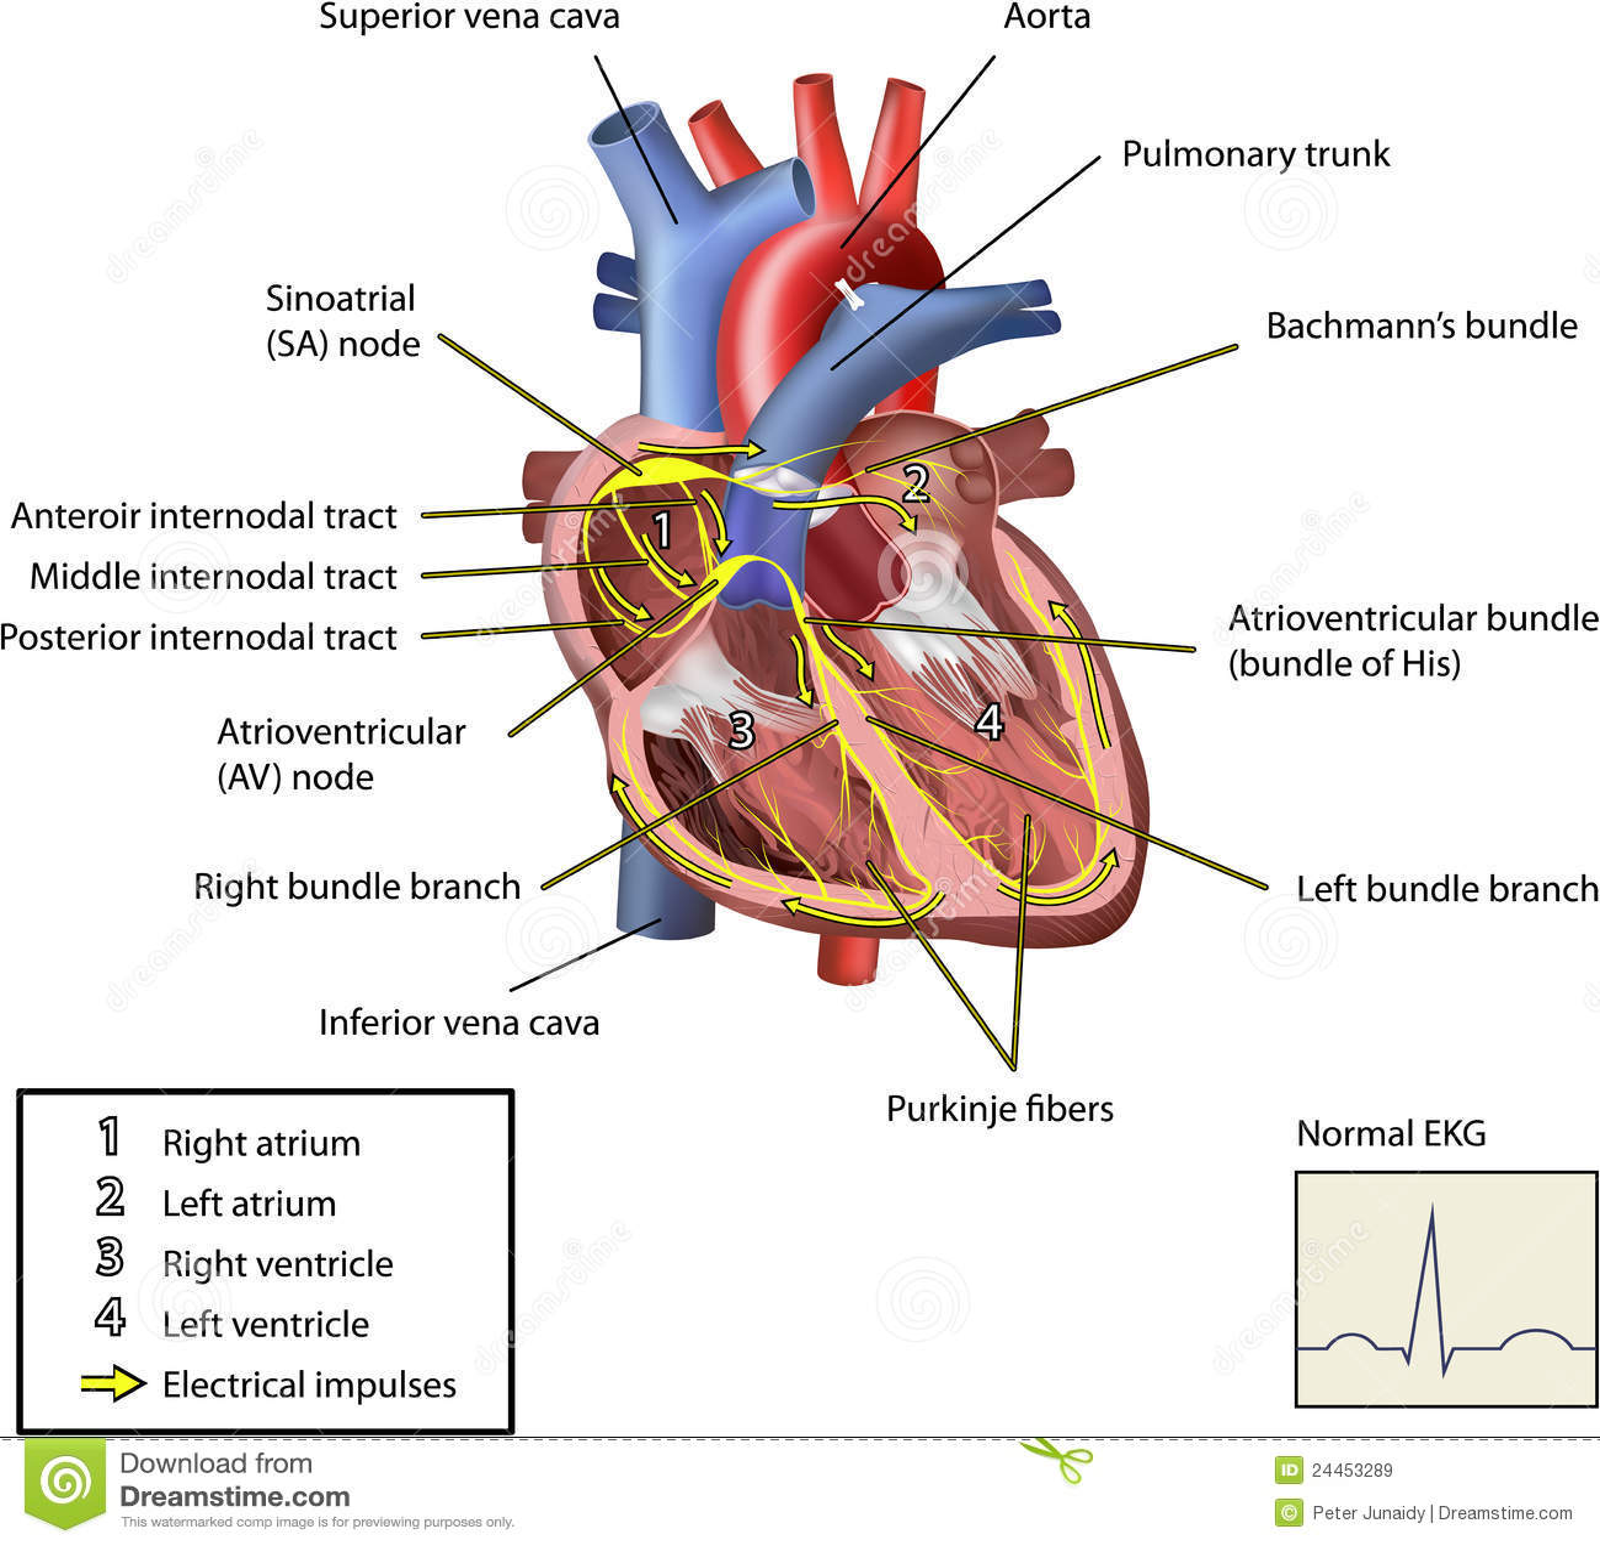 Le système électrique du coeur.